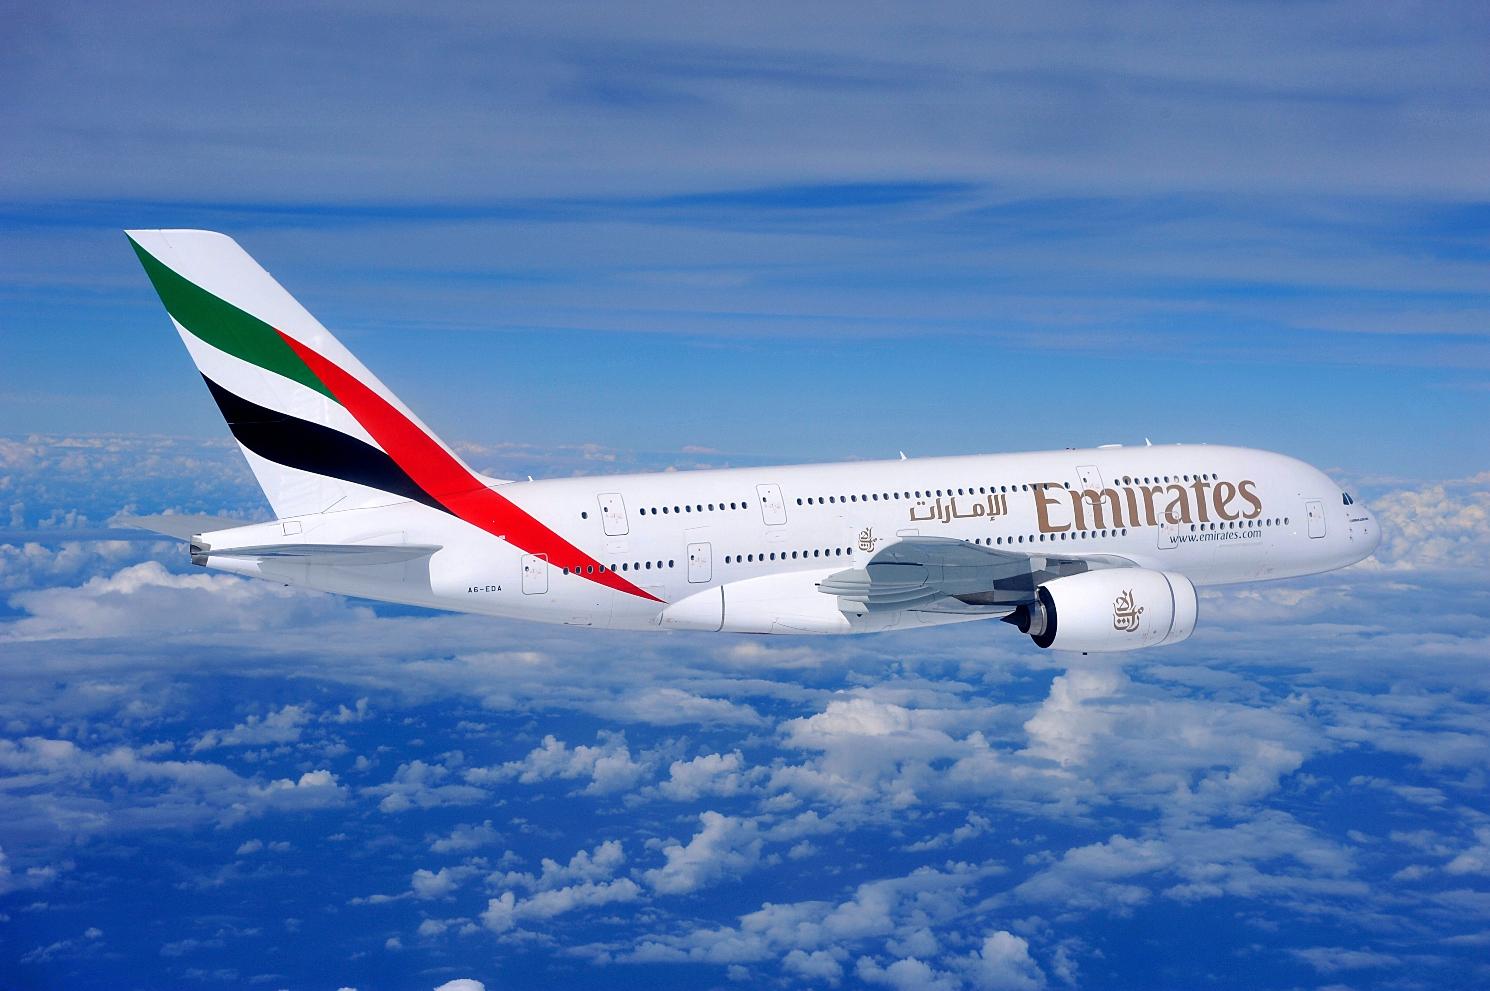 Топ 10 самых безопасных авиакомпаний 2016 года